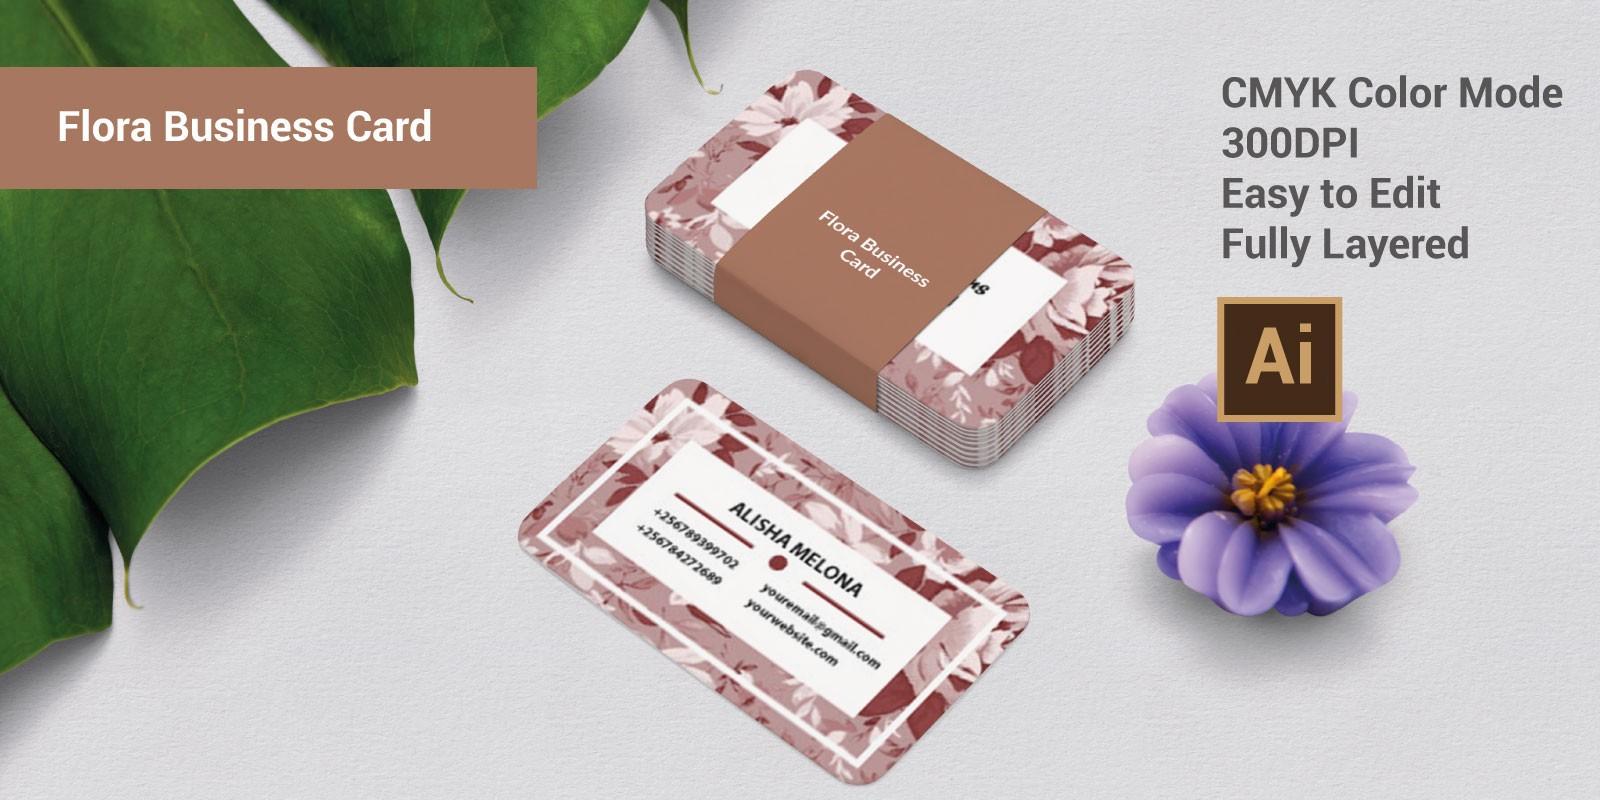 Flora Business Card